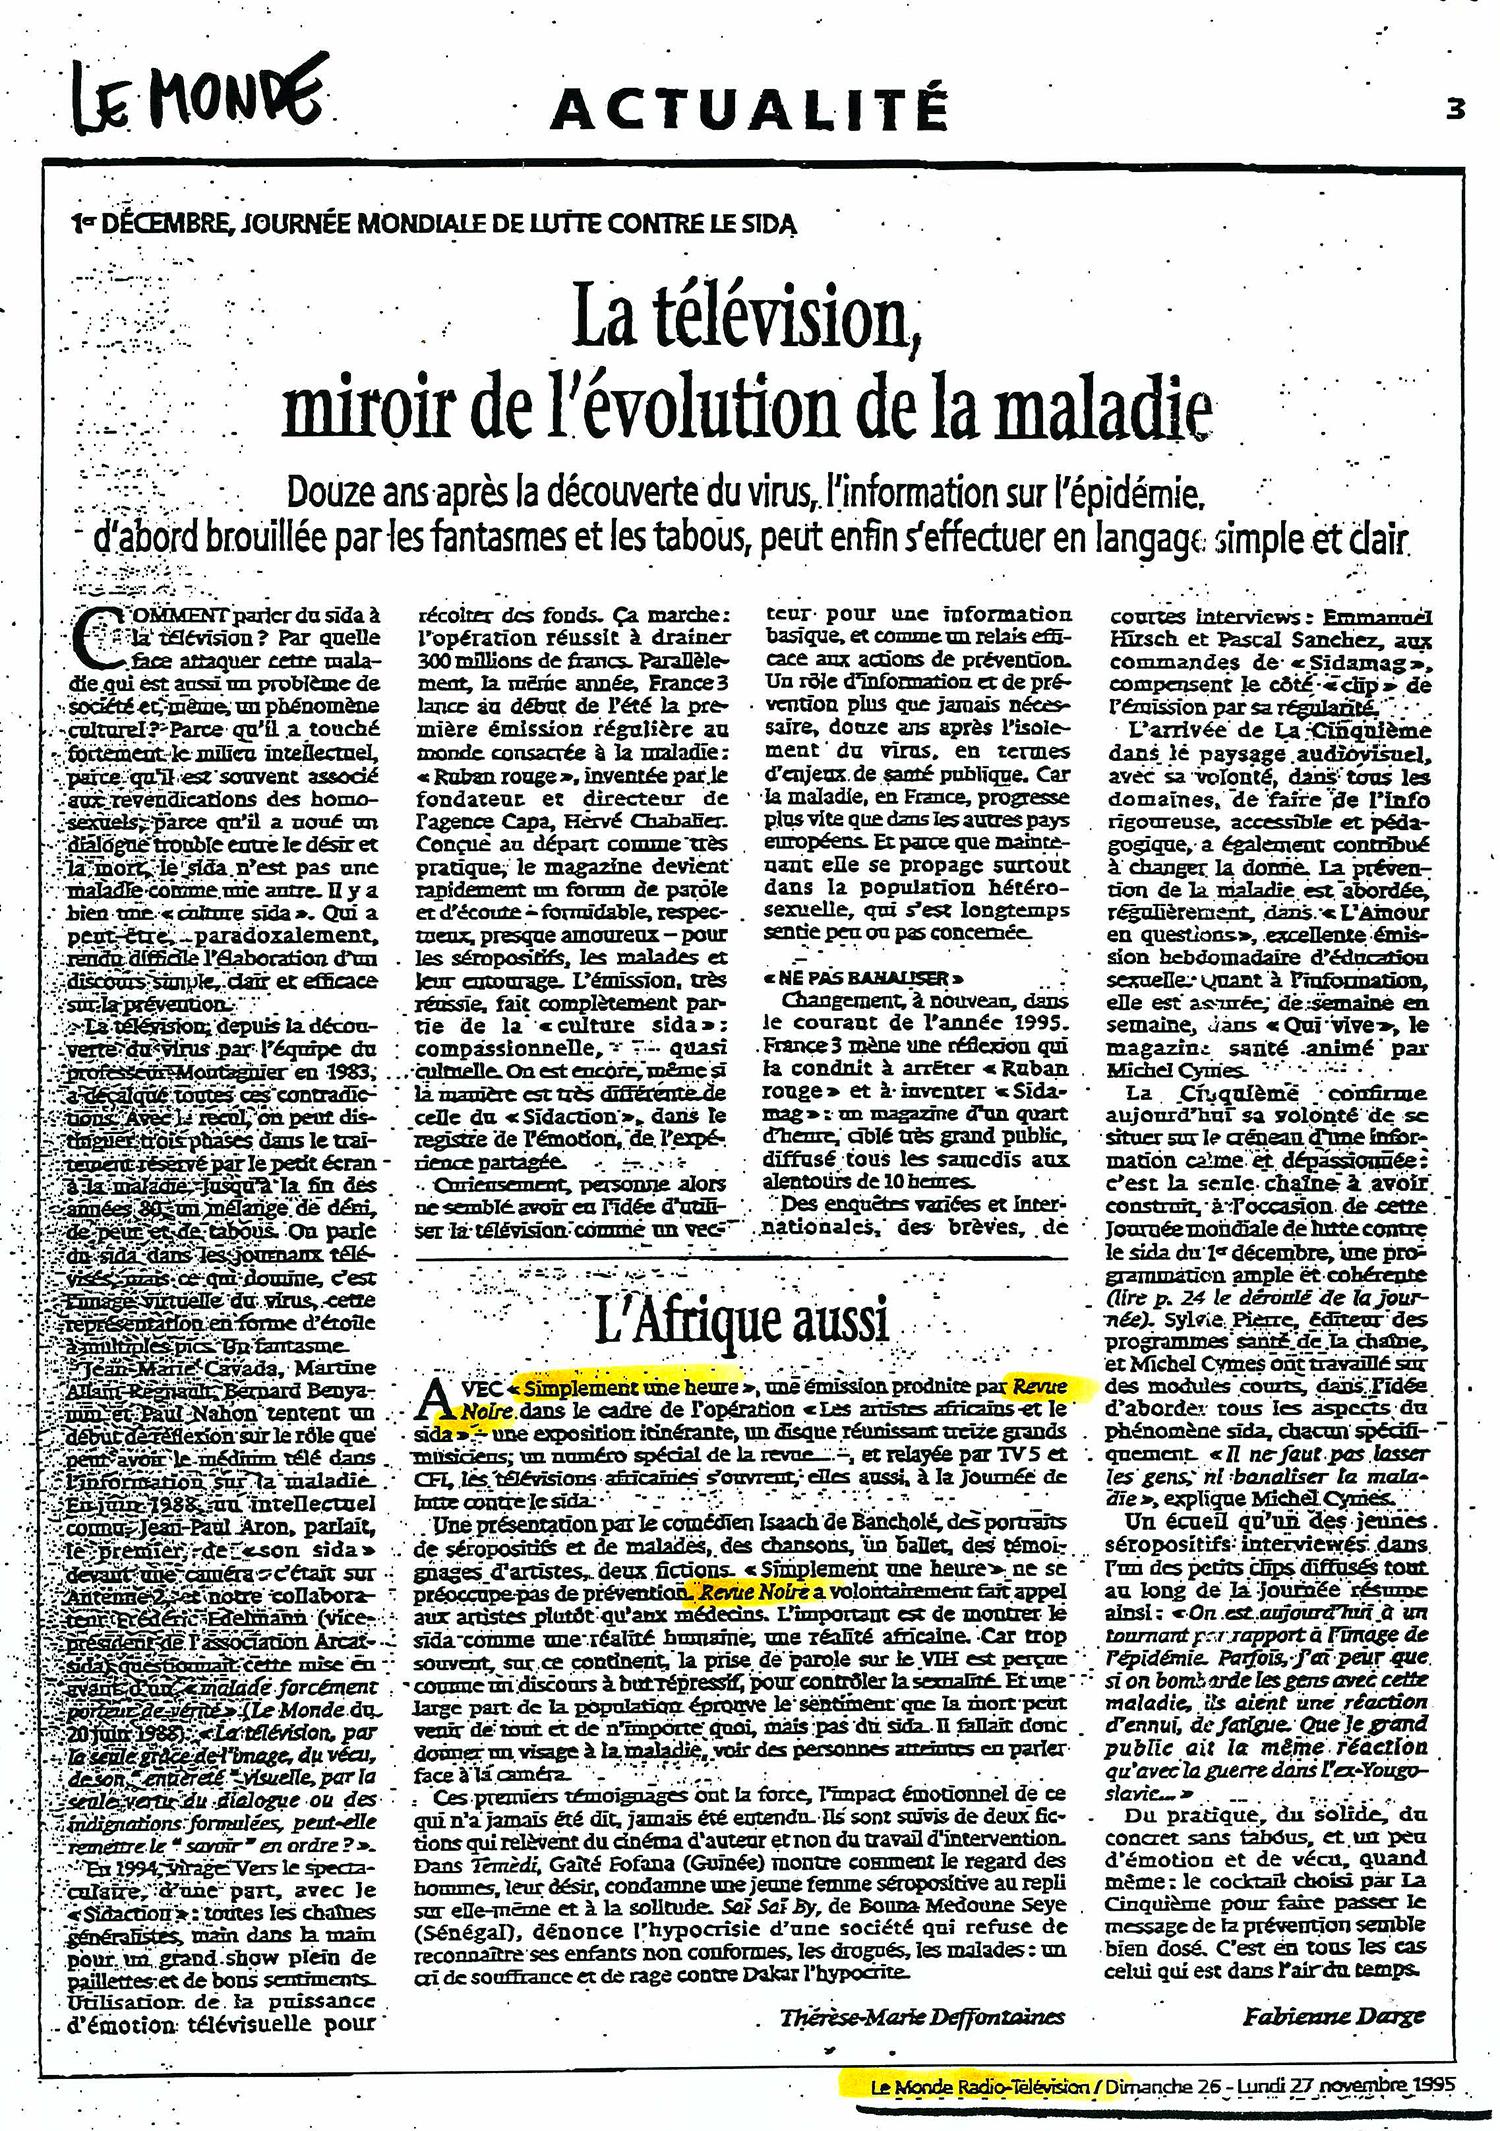 REVUE NOIRE revue de presse, Le Monde nov 1995 par Fabienne Darge. La télévision, miroir de l'évolution de la maladie, journée mondiale de lutte contre le Sida